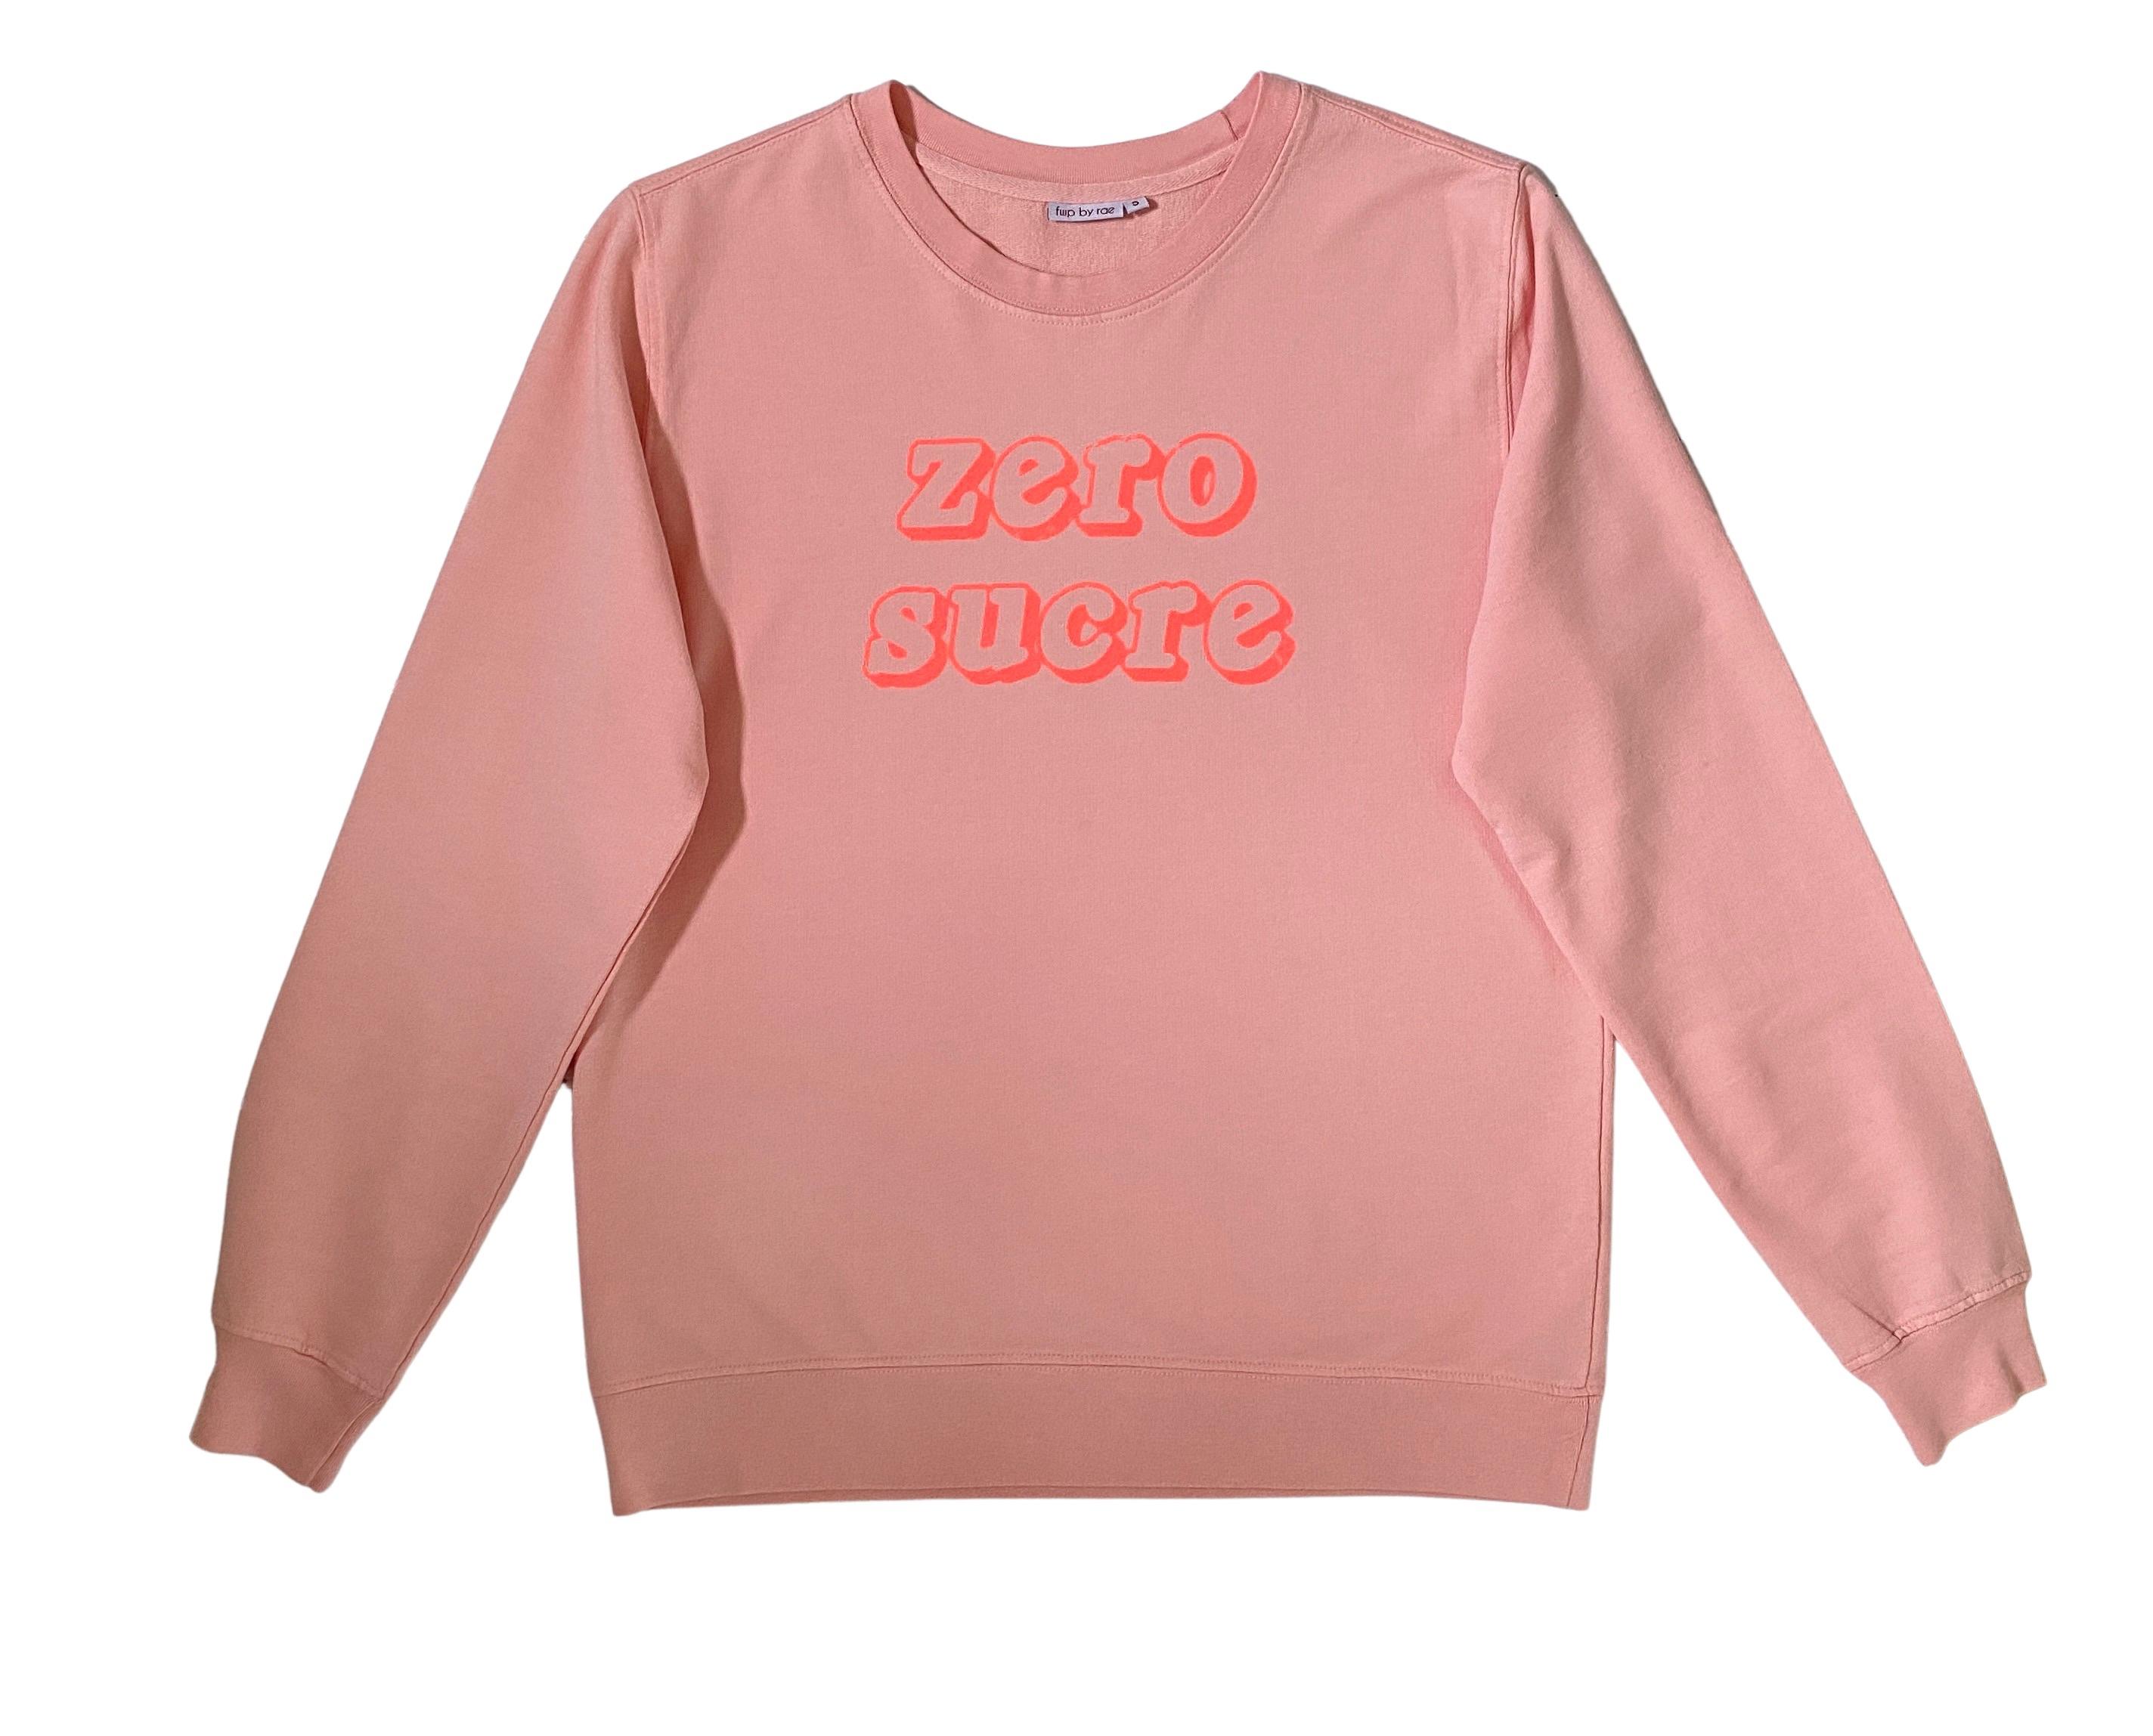 zero sucre fine knit sweatshirt